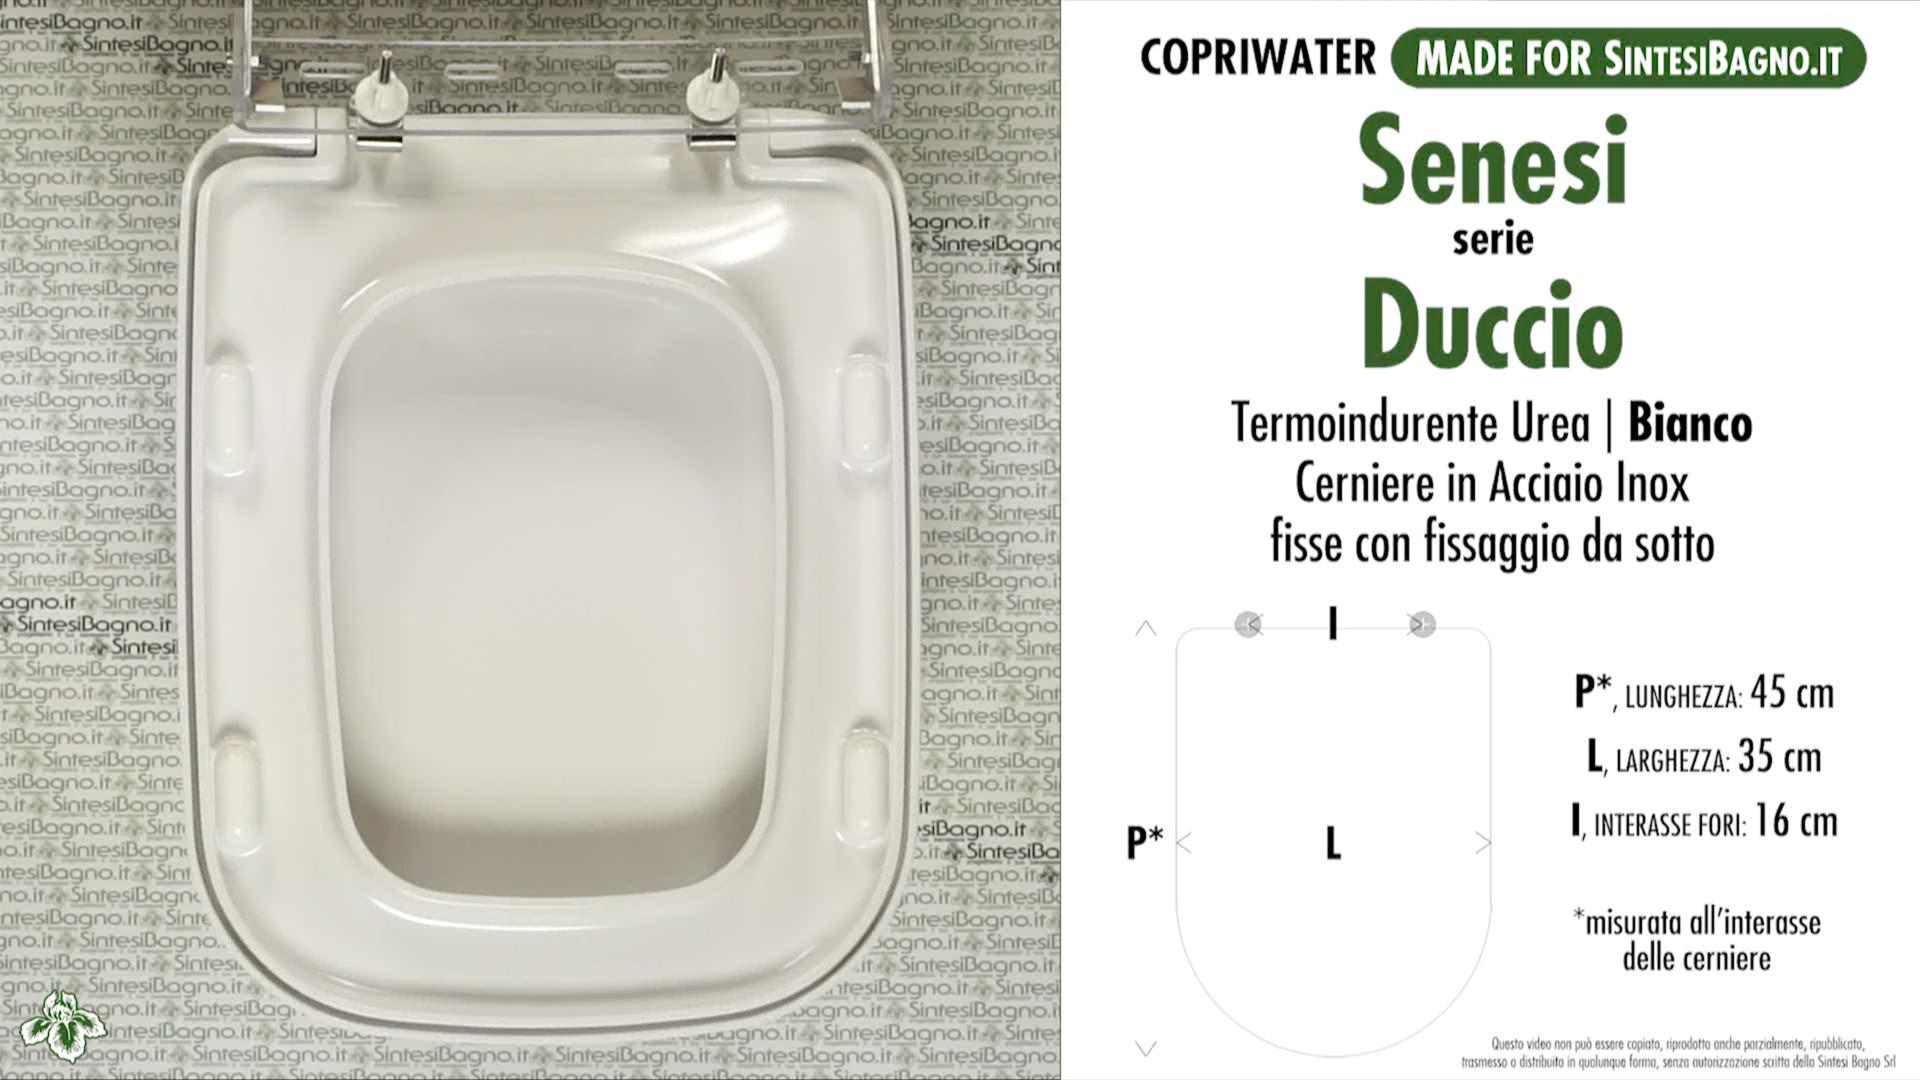 Schede tecniche misure copriwater senesi serie duccio for Calla ideal standard scheda tecnica